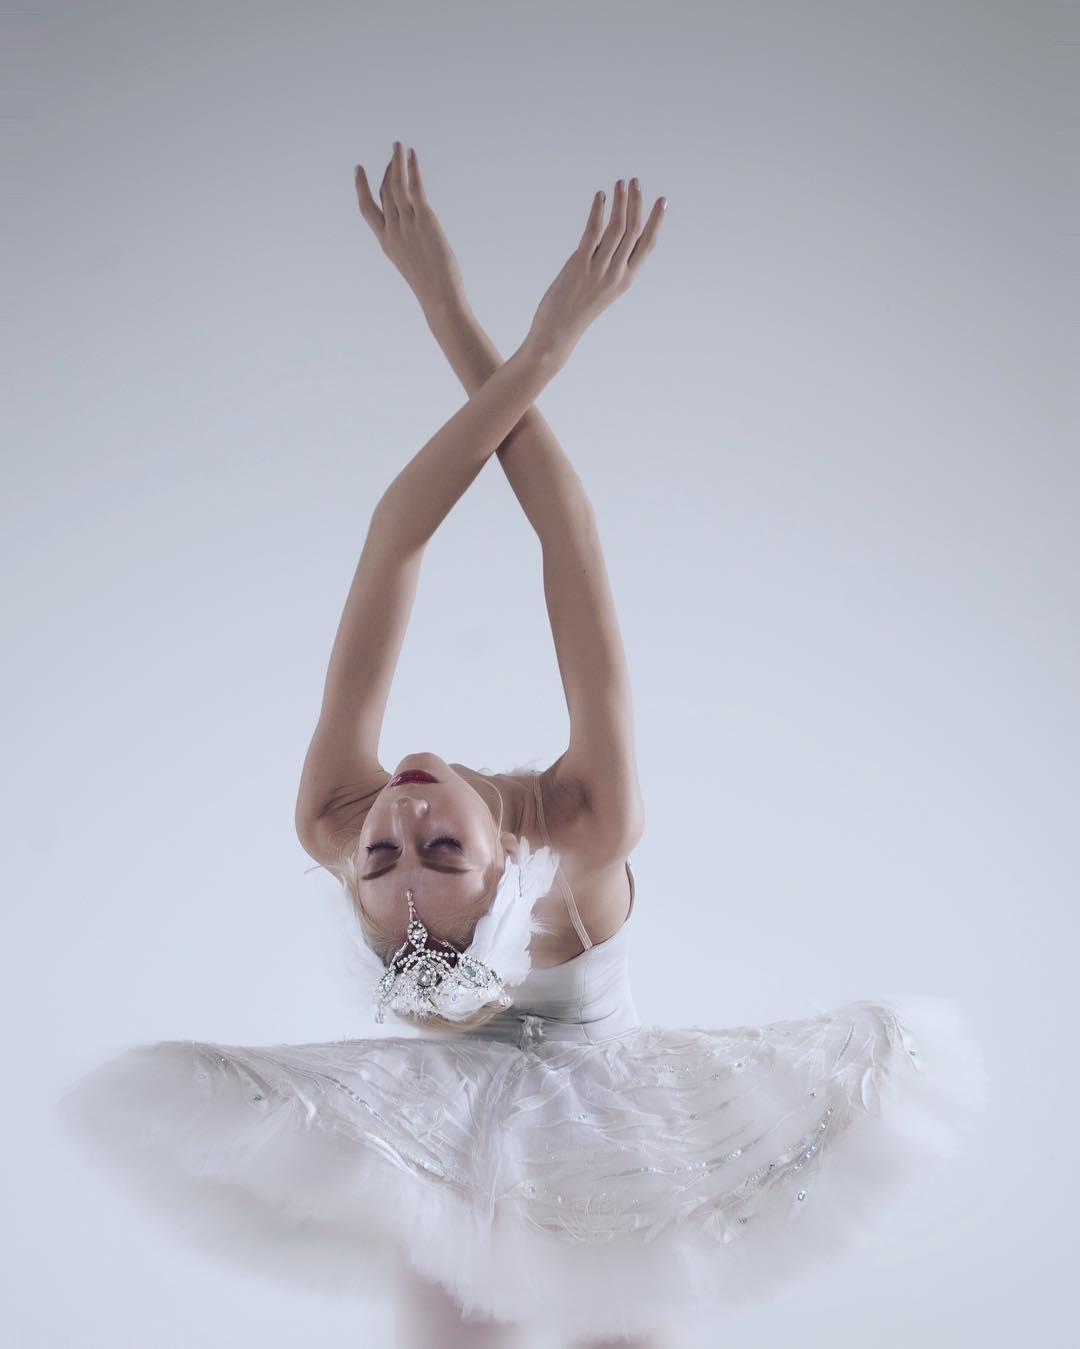 Красивые снимки русских балерин от Ирины Яковлевой